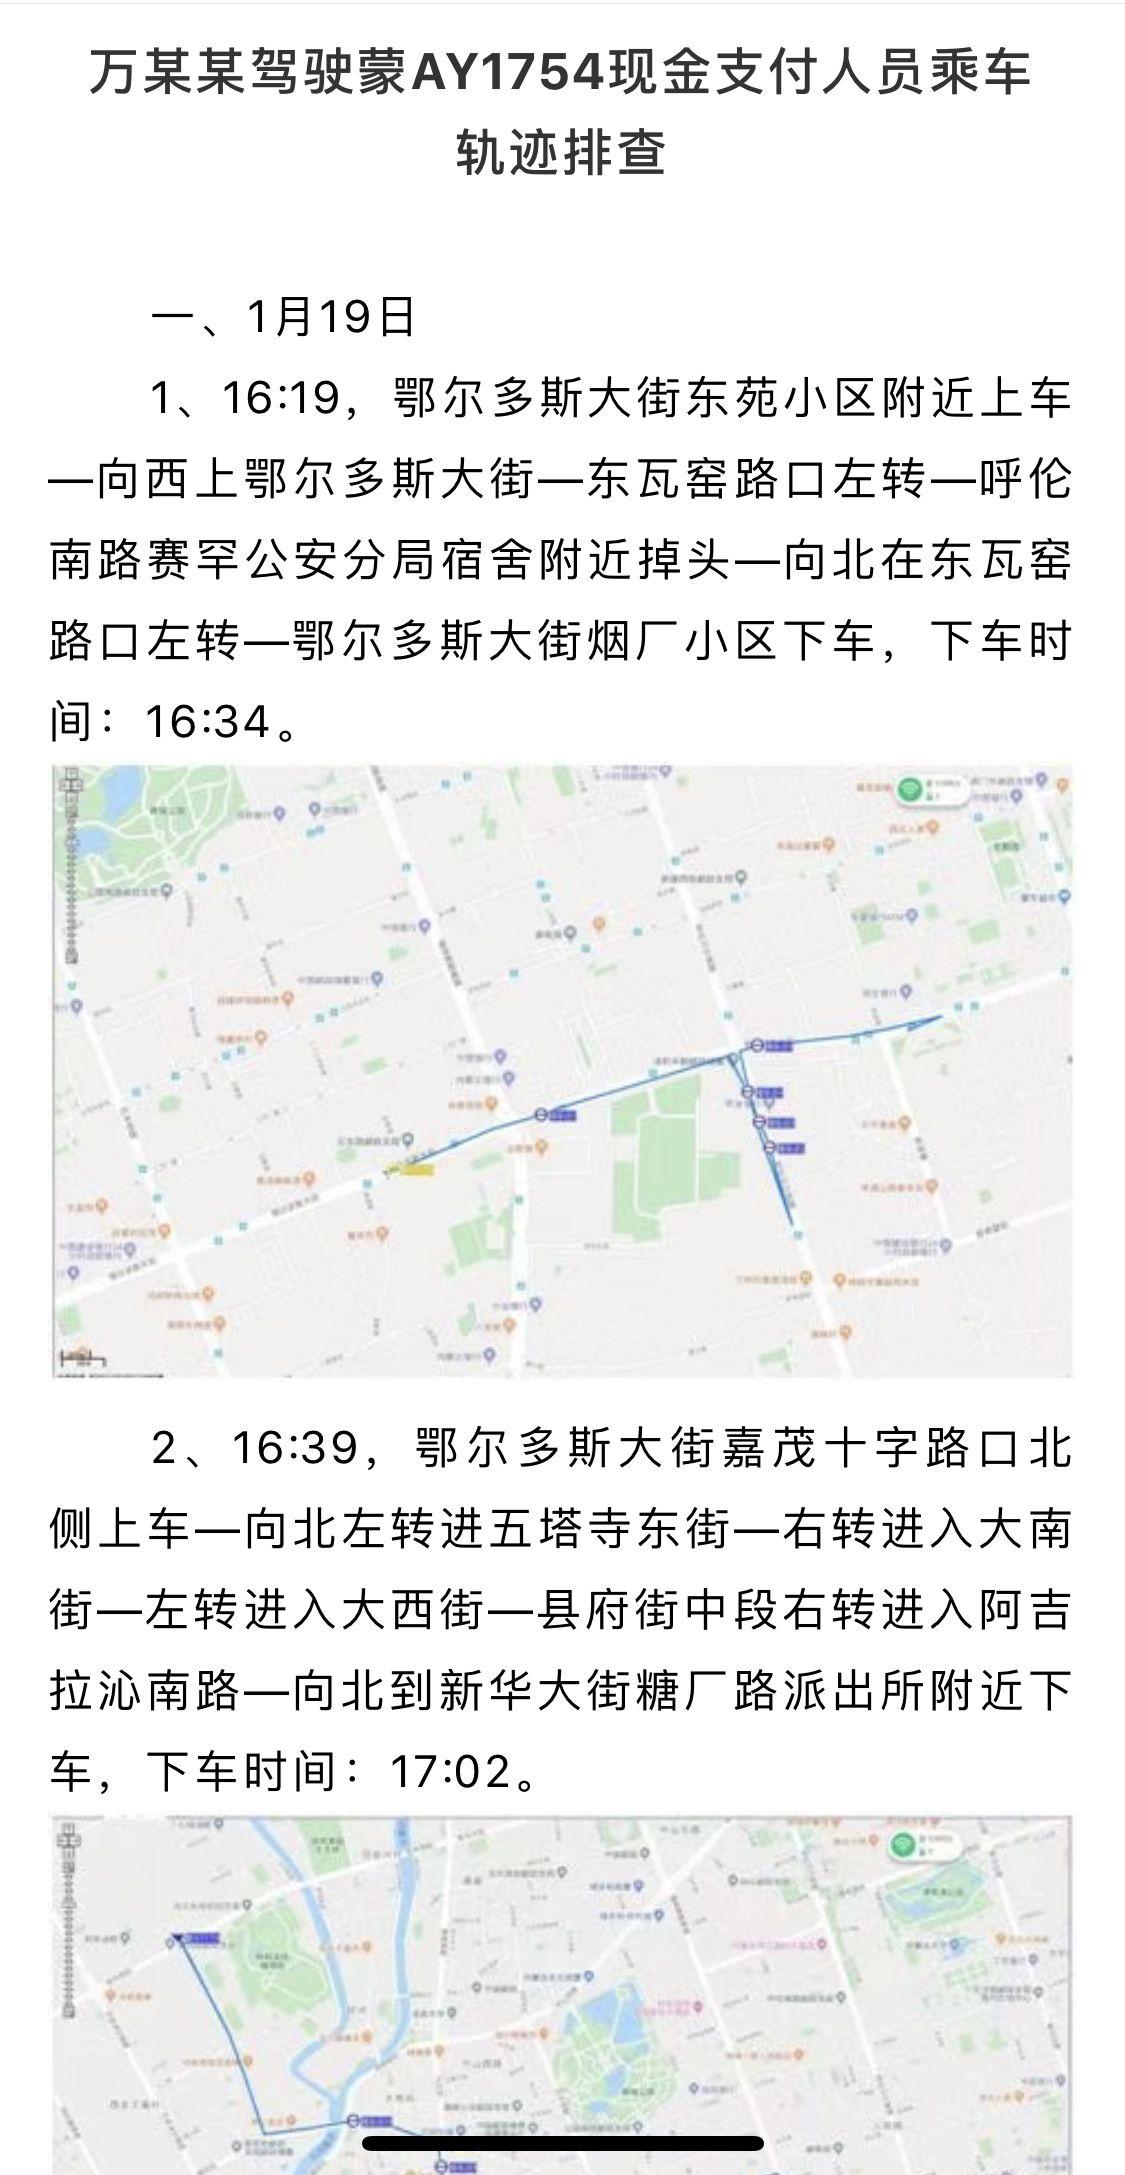 2月4日 ,疫情指挥部已仔细并在积极追求有关人员和排查,从出租车载客记录望,<a href=